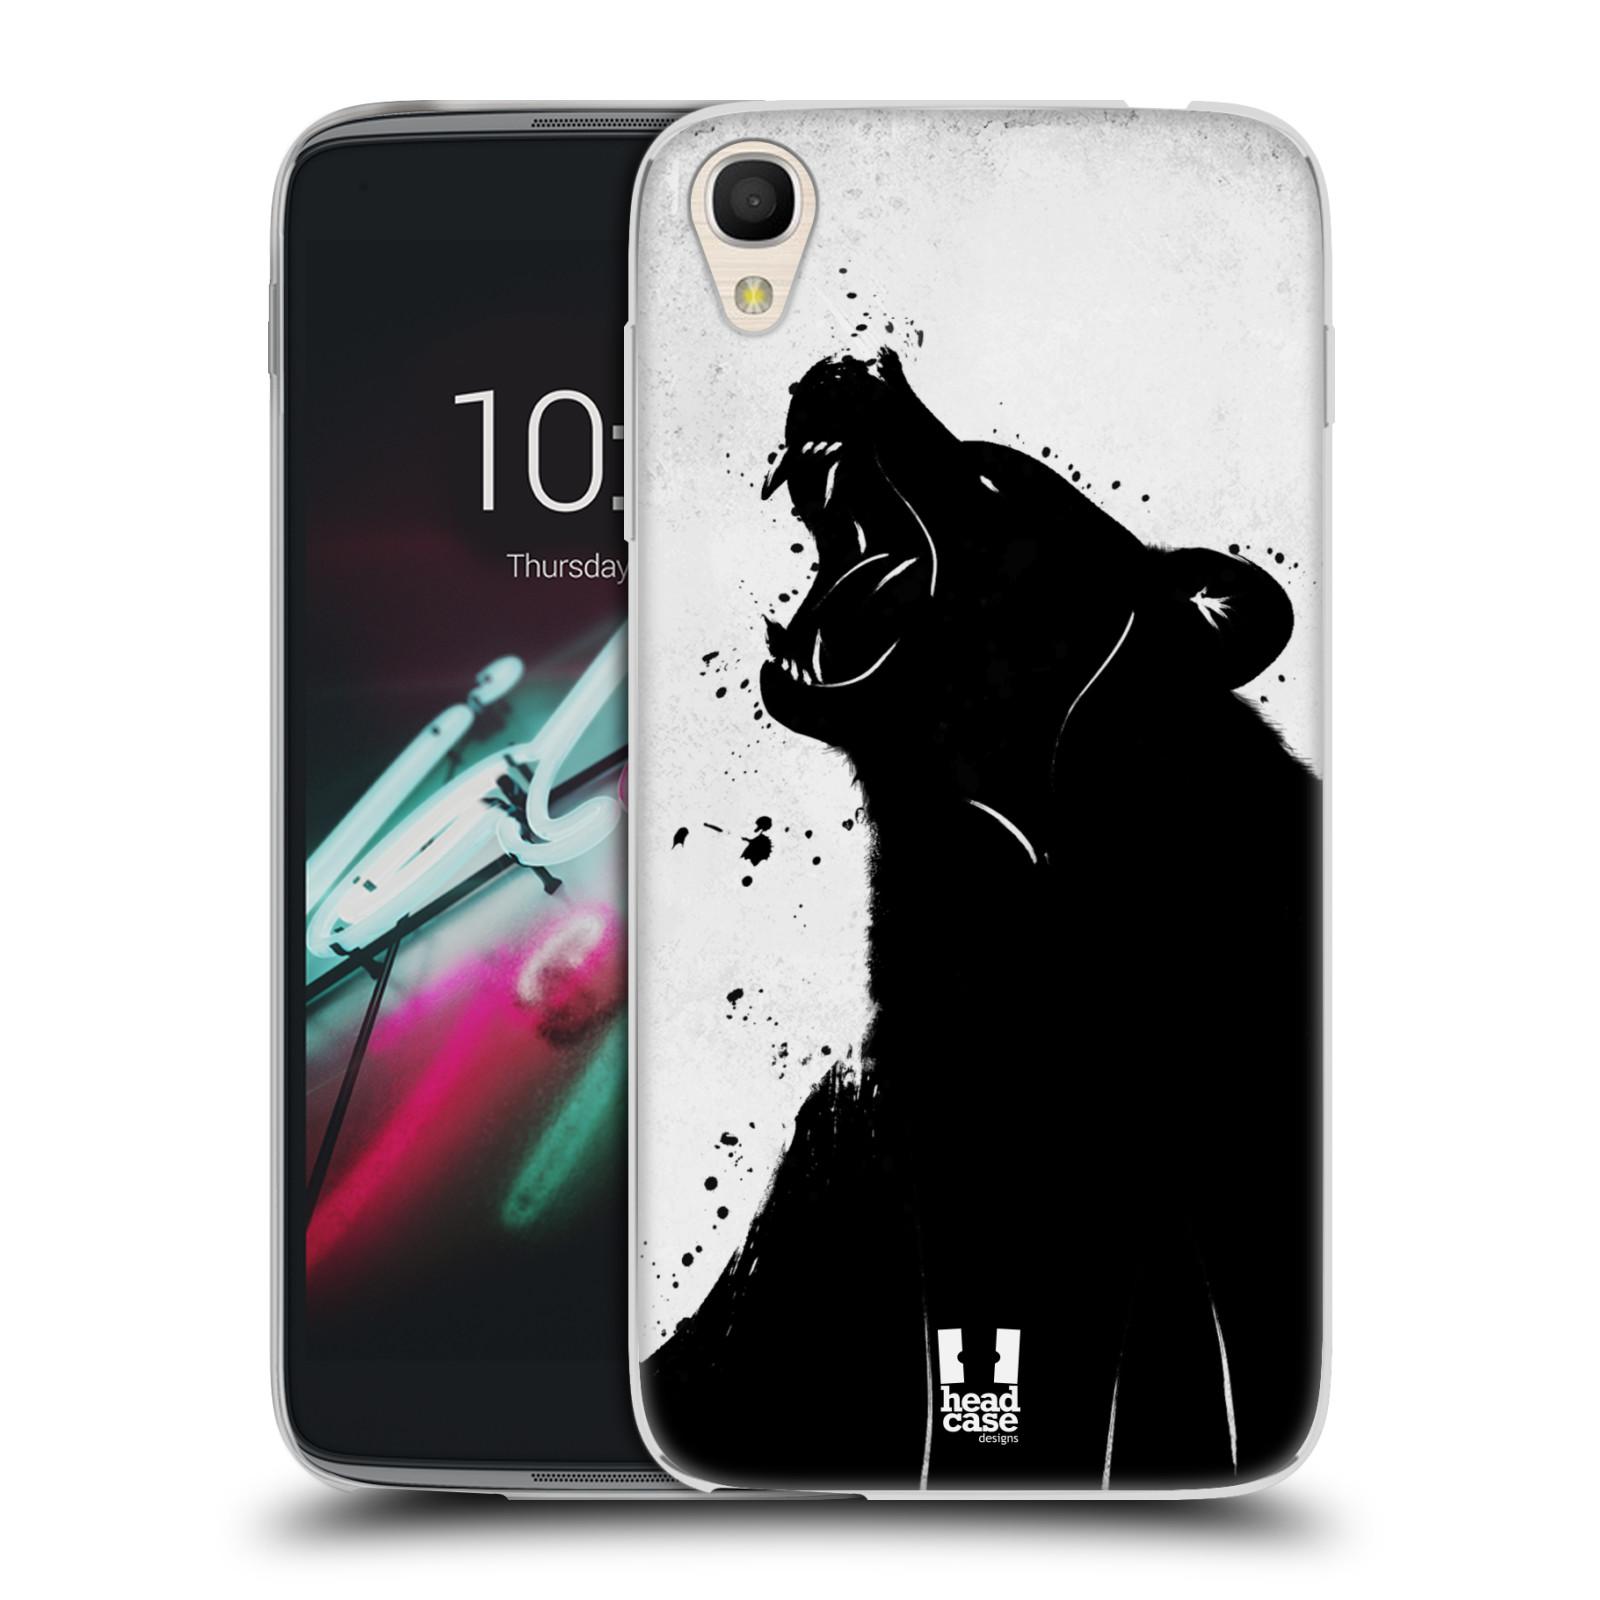 HEAD CASE silikonový obal na mobil Alcatel Idol 3 OT-6039Y (4.7) vzor Kresba tuš zvíře medvěd